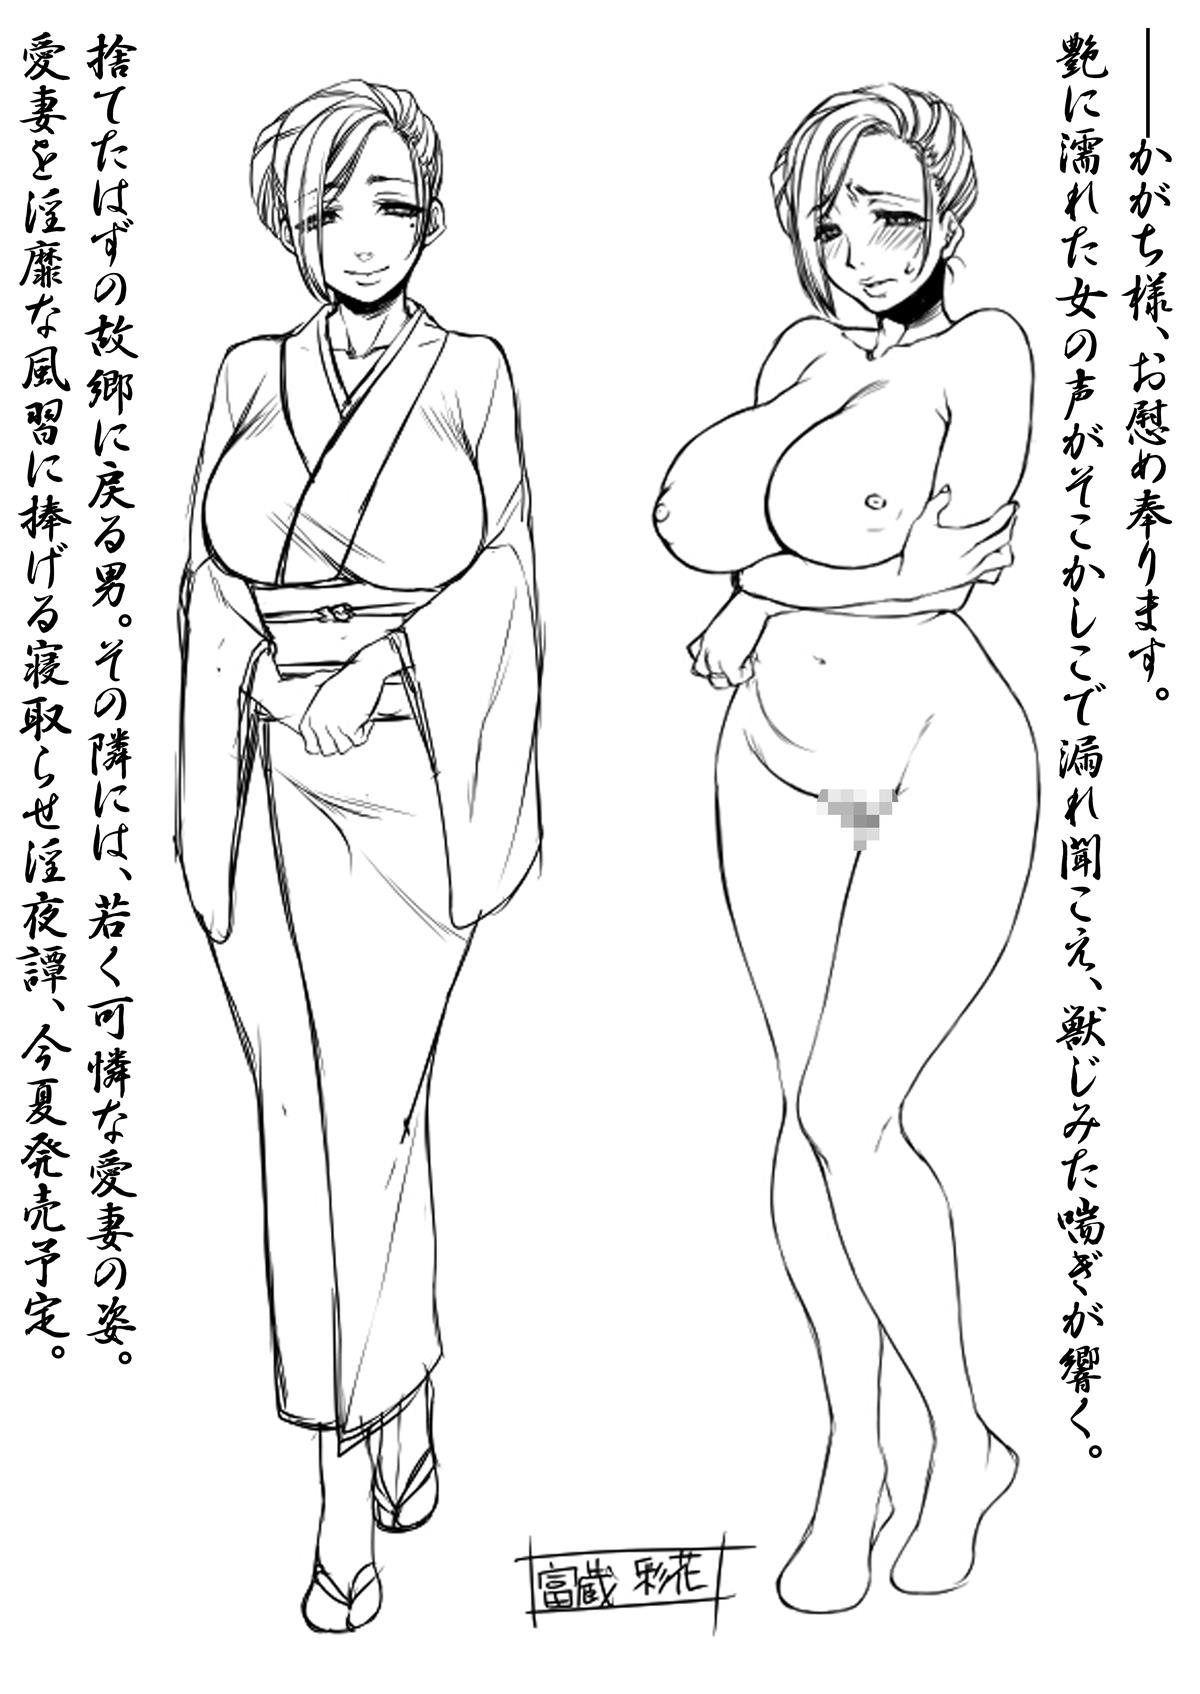 【エロ漫画・エロ同人誌】巨乳未亡人にエッチな悪戯されるショタっ子www (17)